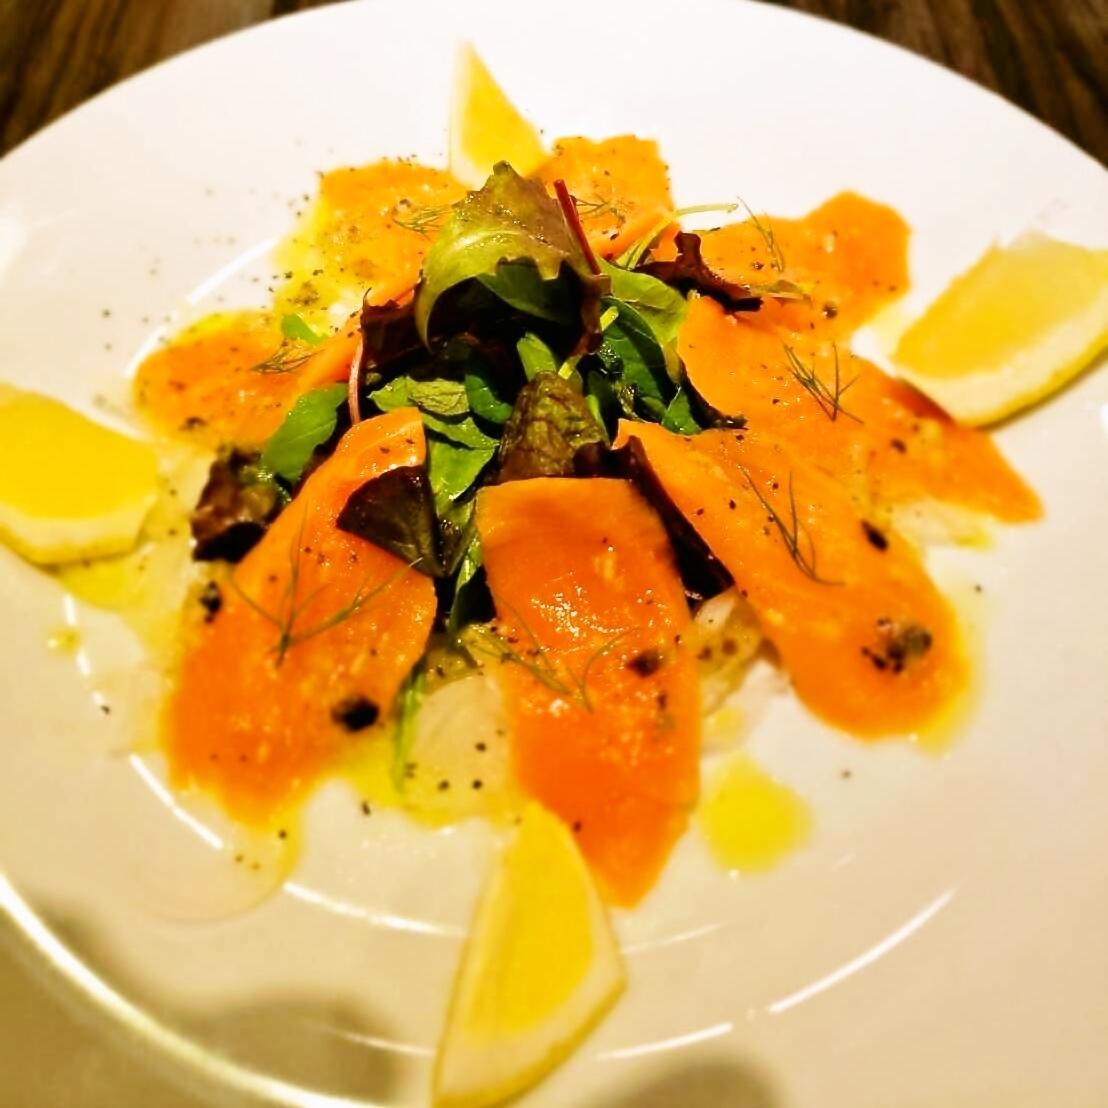 Prelig salmon fresh carpaccio